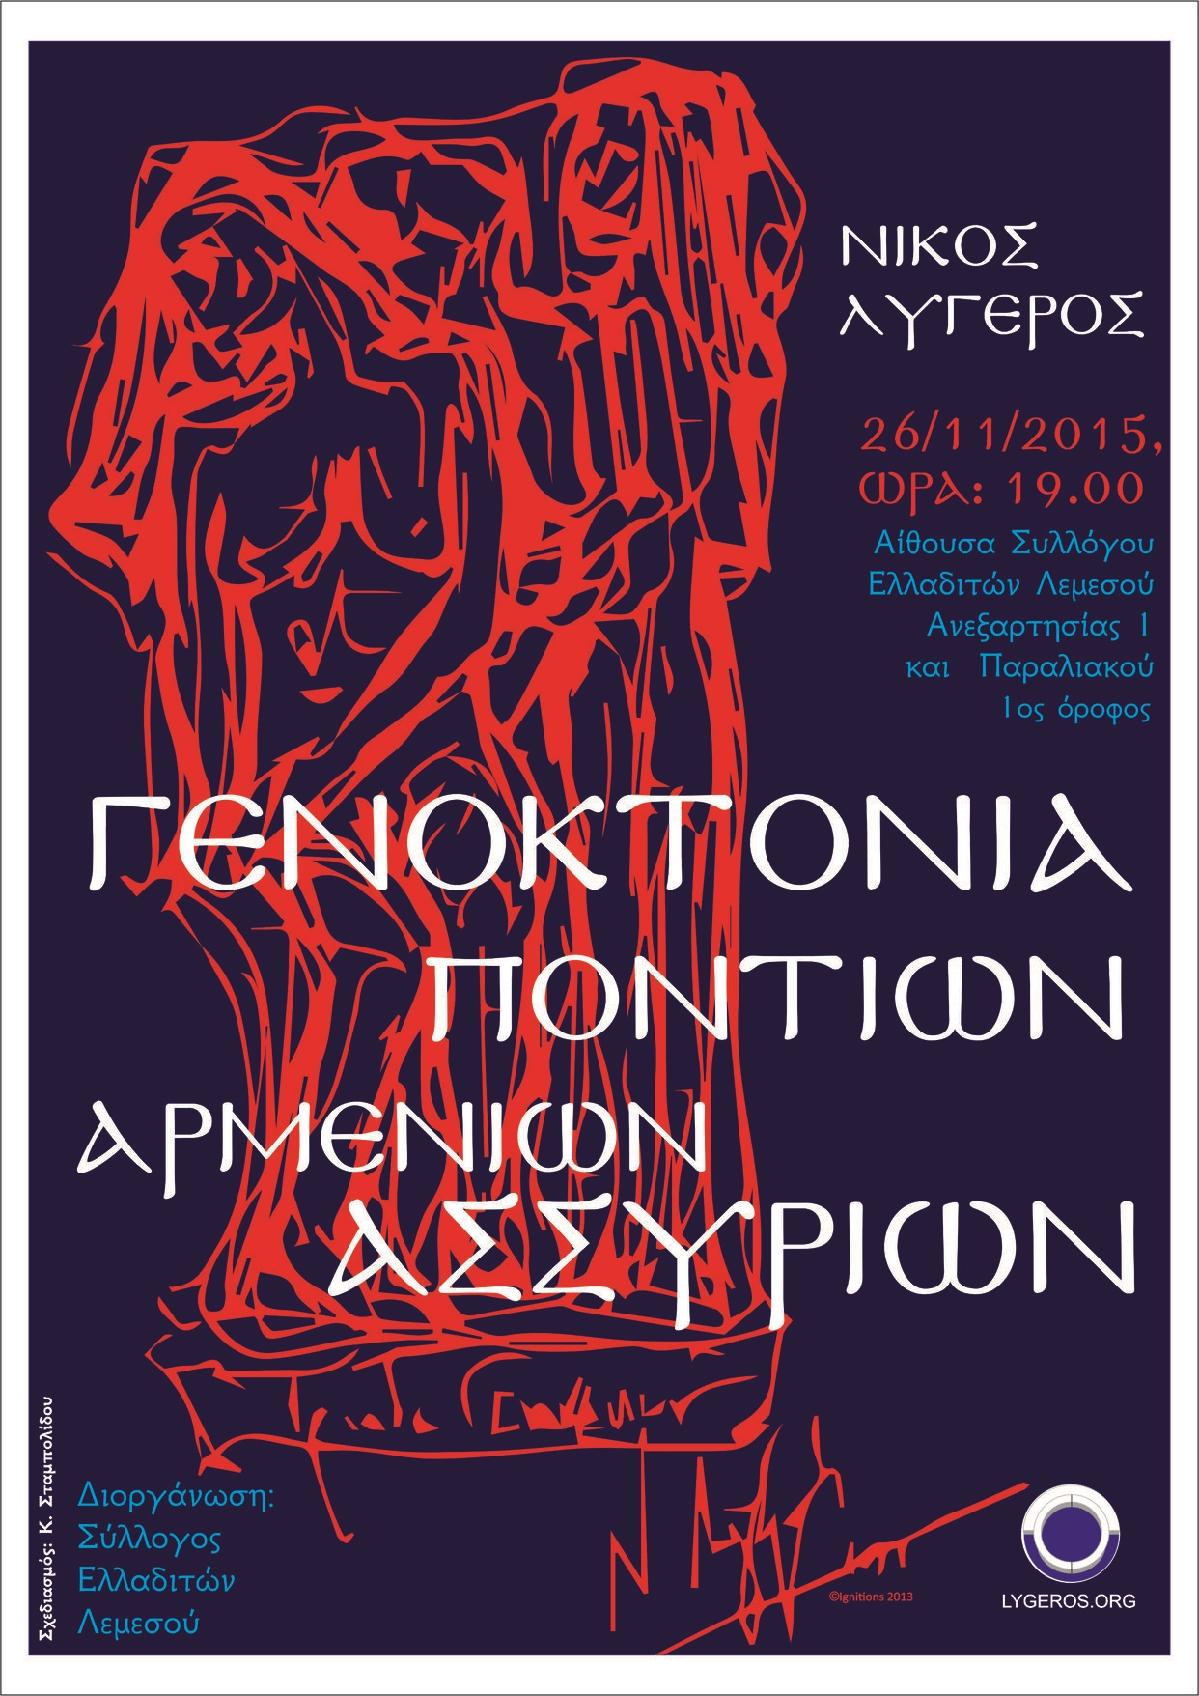 Γενοκτονία Ποντίων, Αρμενίων, Ασσυρίων